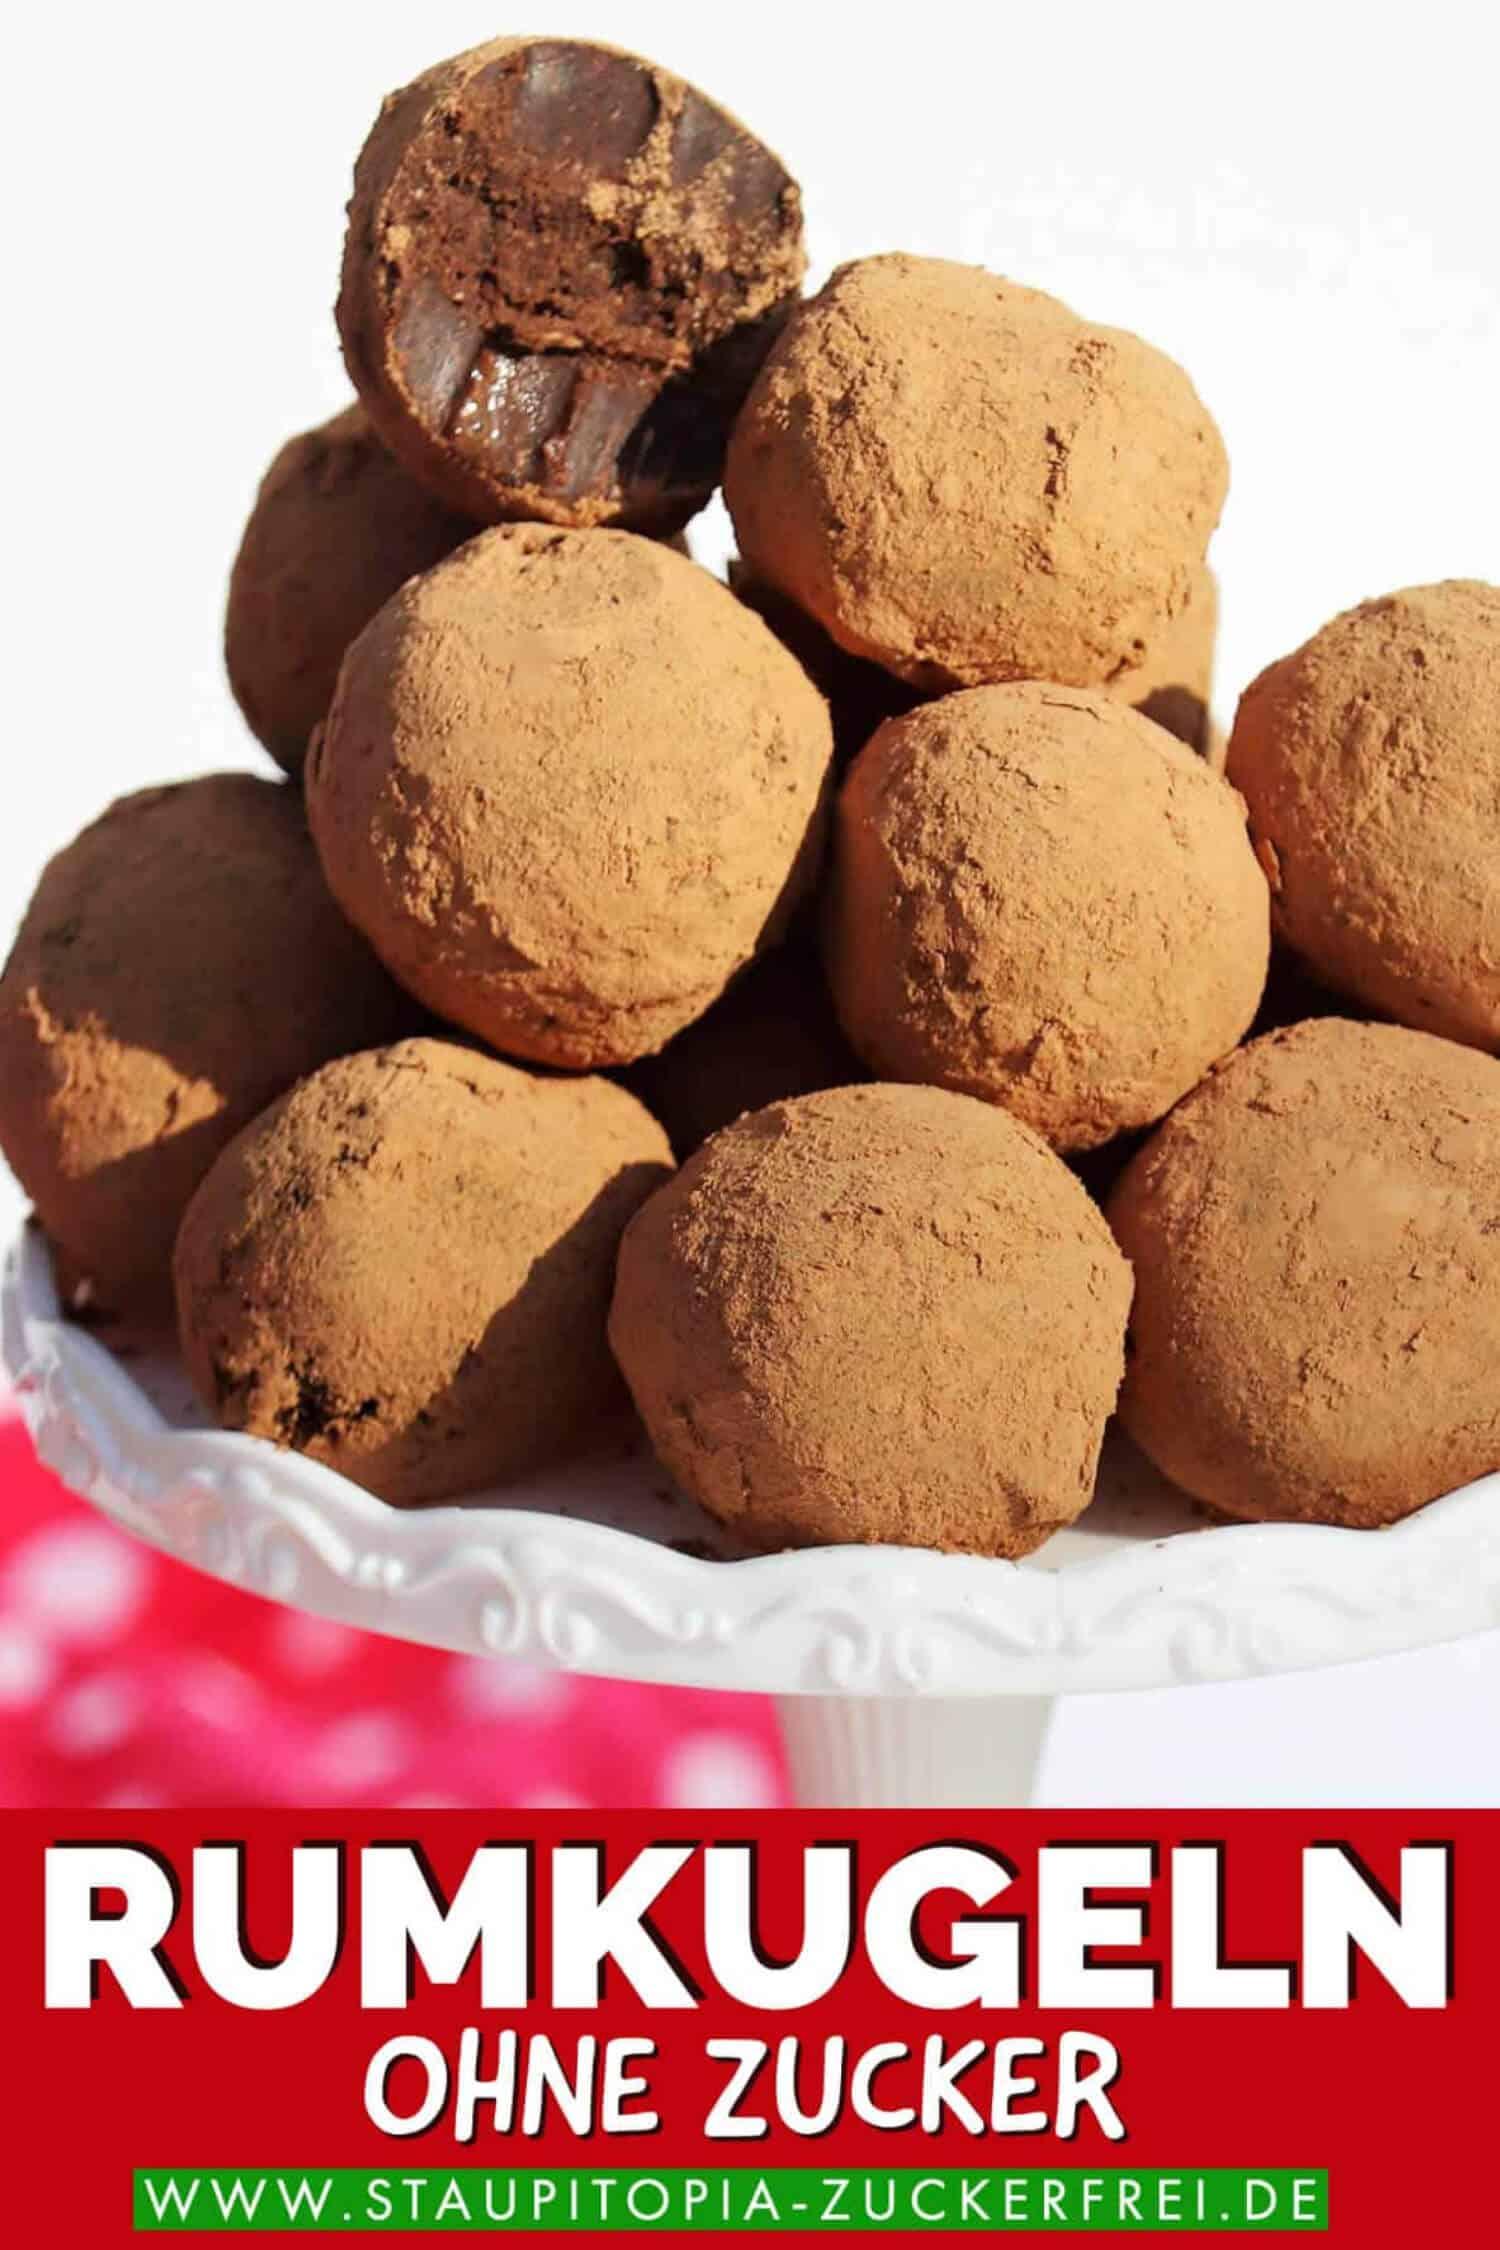 Rumkugeln ohne Zucker selbst machen